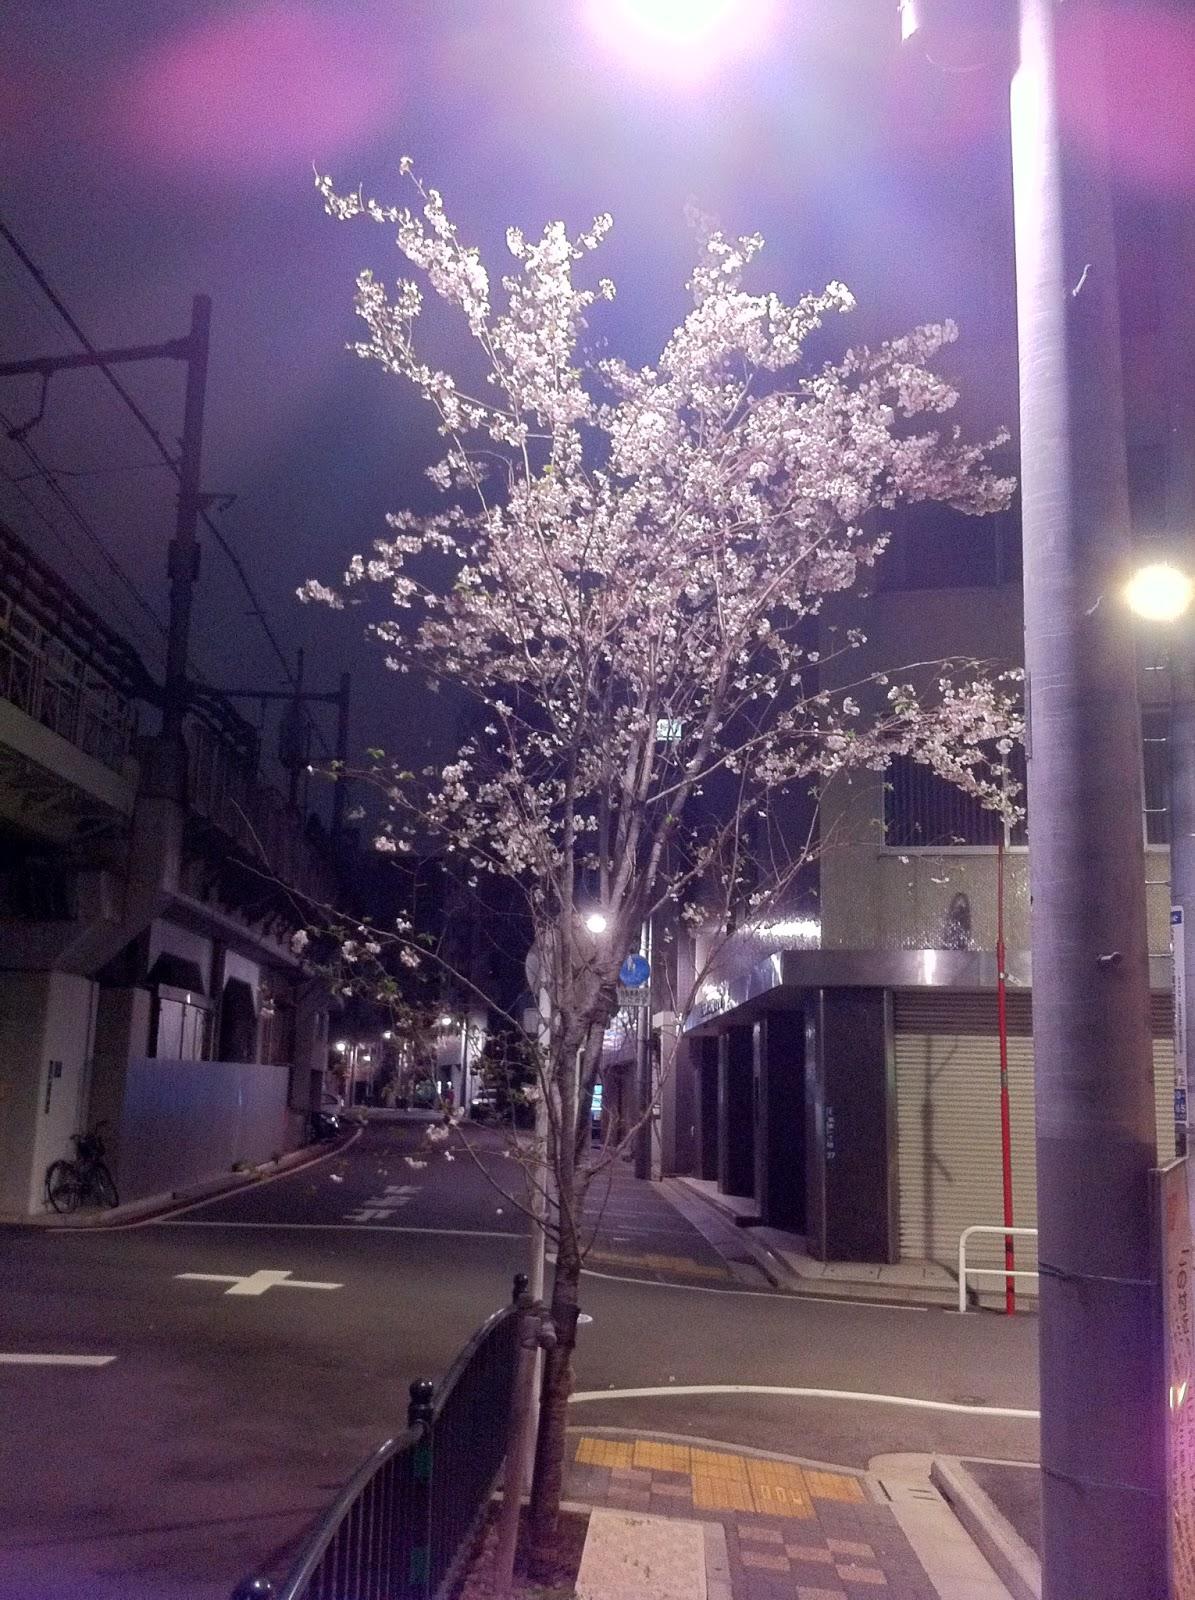 A small night blossom scene in Yanagibashi, Taito ward, Tokyo.